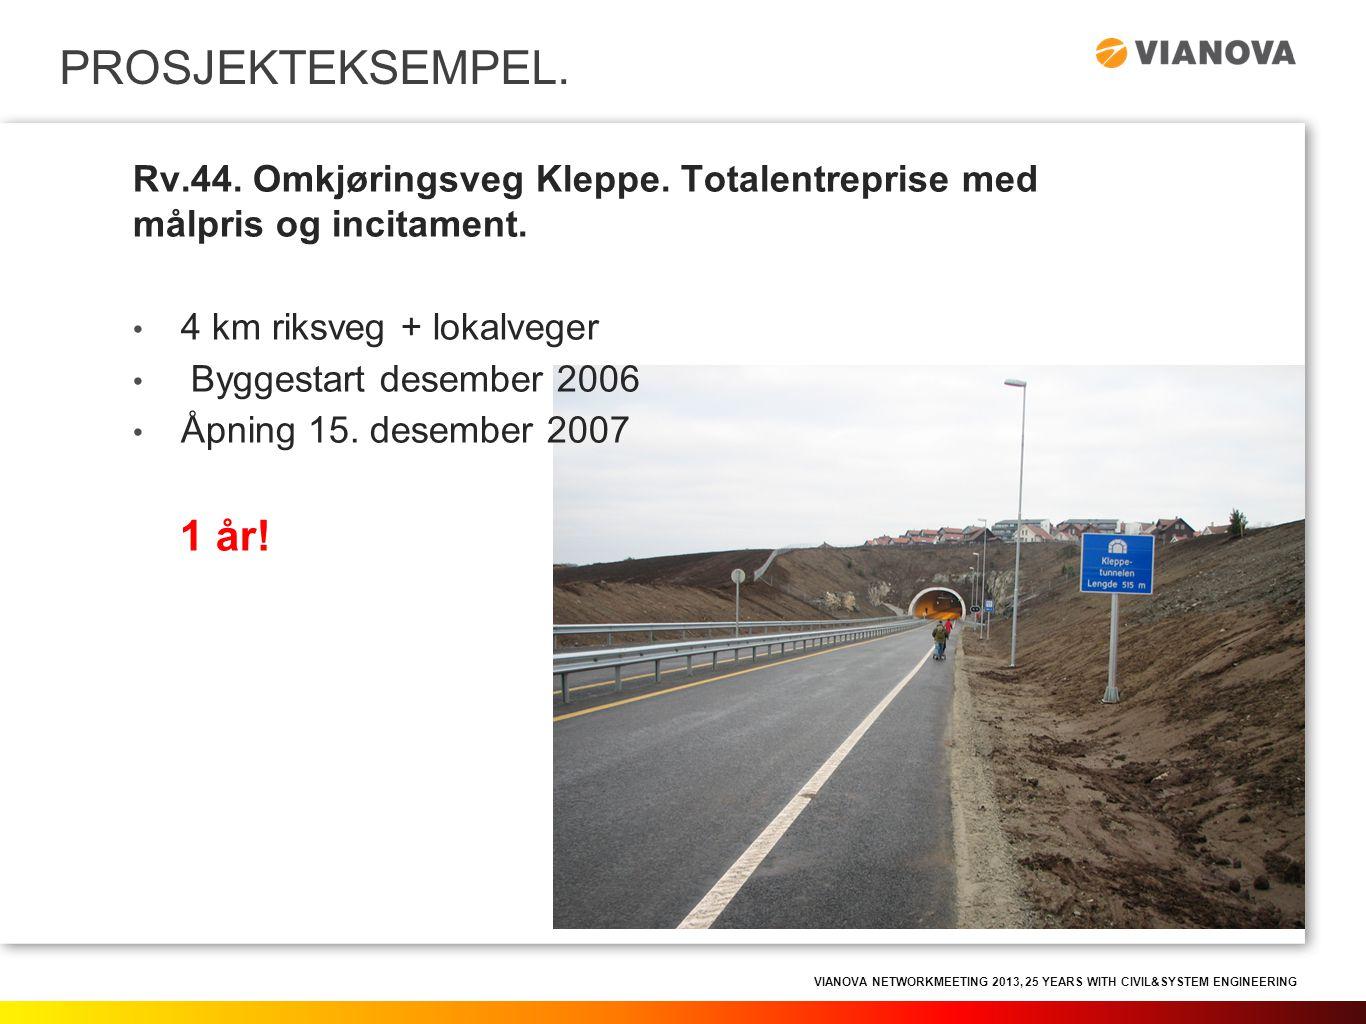 PROSJEKTEKSEMPEL. Rv.44. Omkjøringsveg Kleppe. Totalentreprise med målpris og incitament. 4 km riksveg + lokalveger.